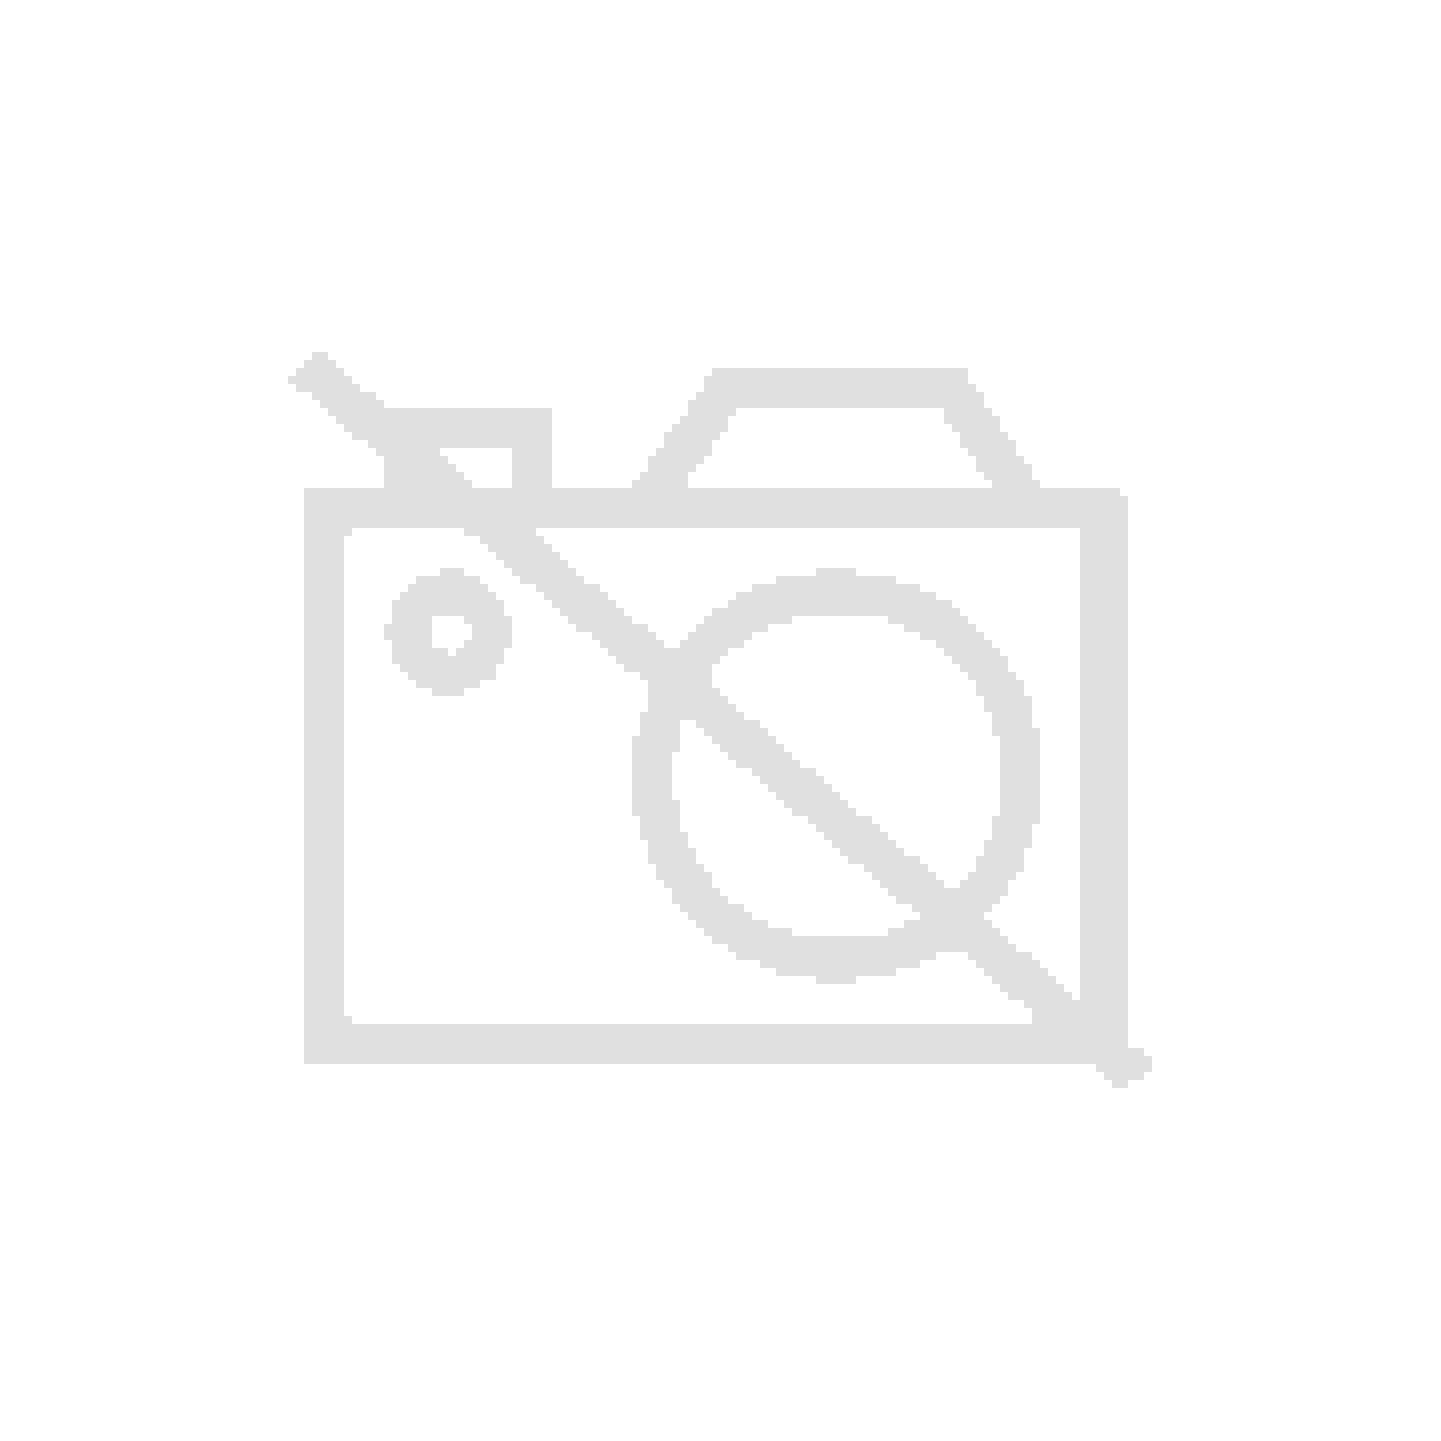 Epson EcoTank ET-4750 Imprimante multifonction à jet d'encre